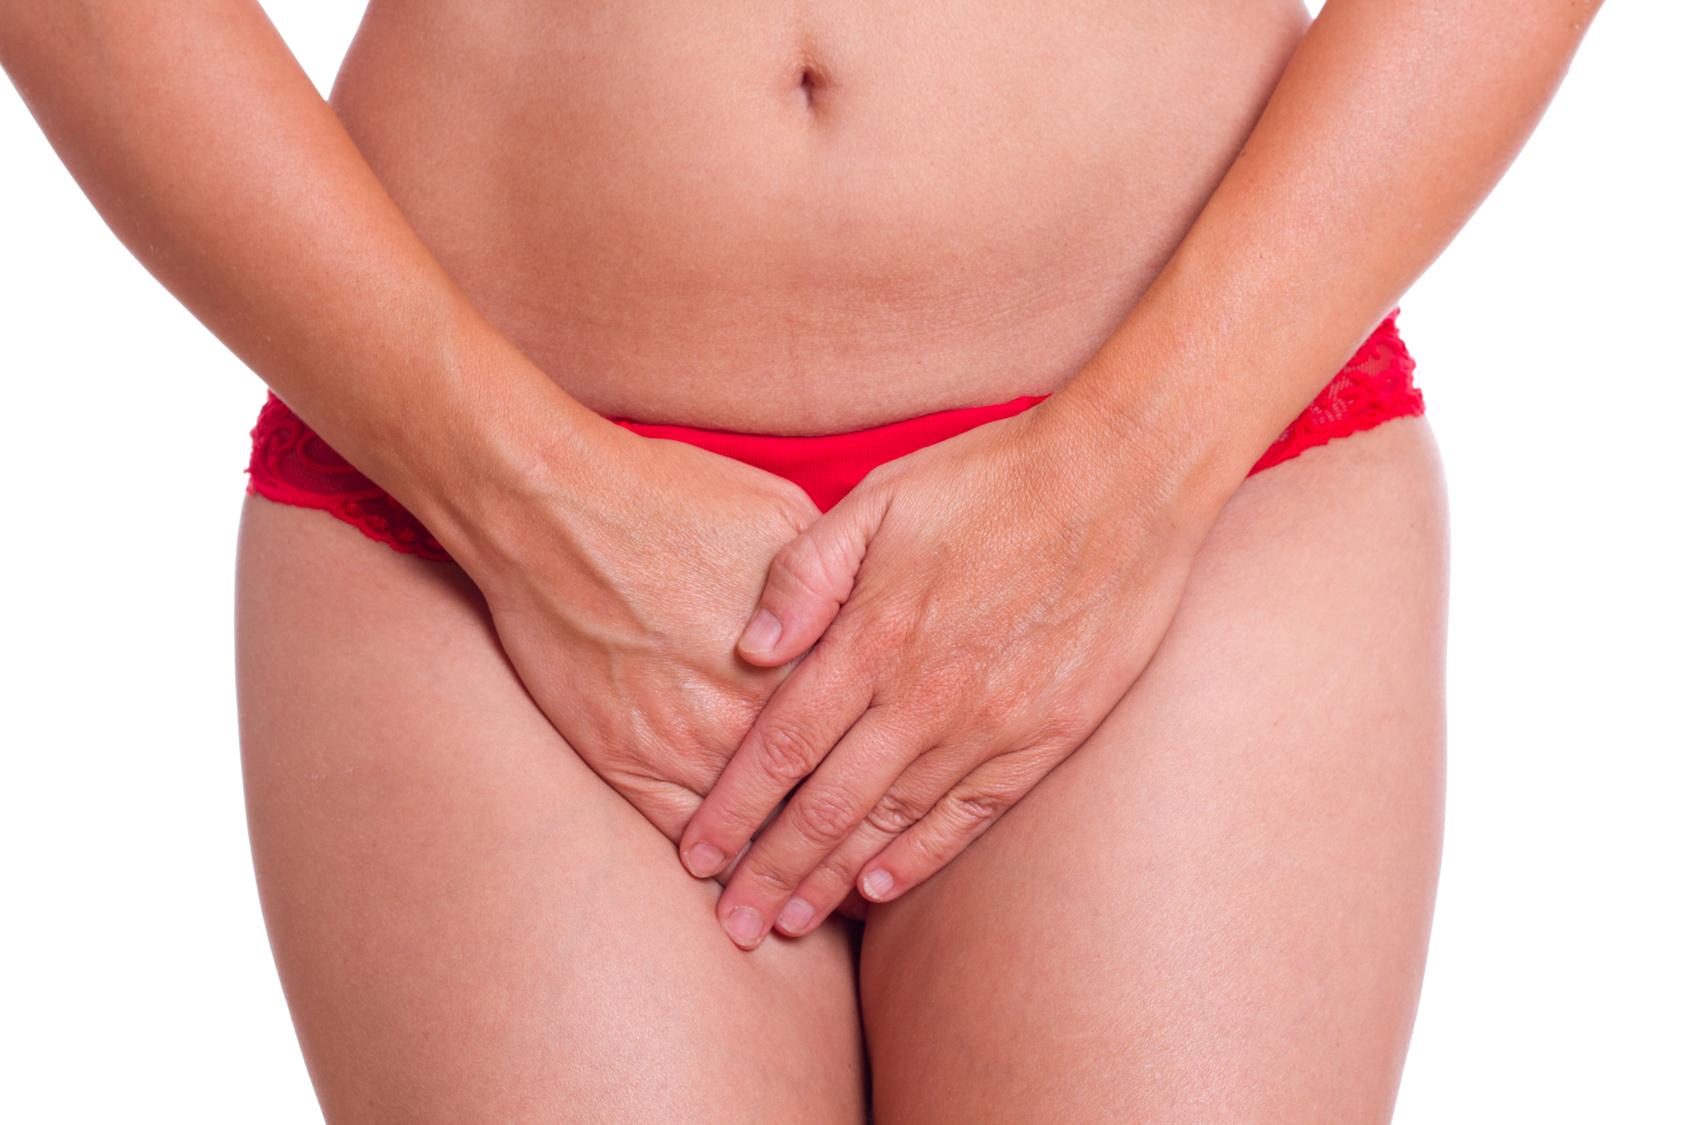 blasenschwaeche-harninkontinenz-frau-haelt-haende-vor-rote-unterhose